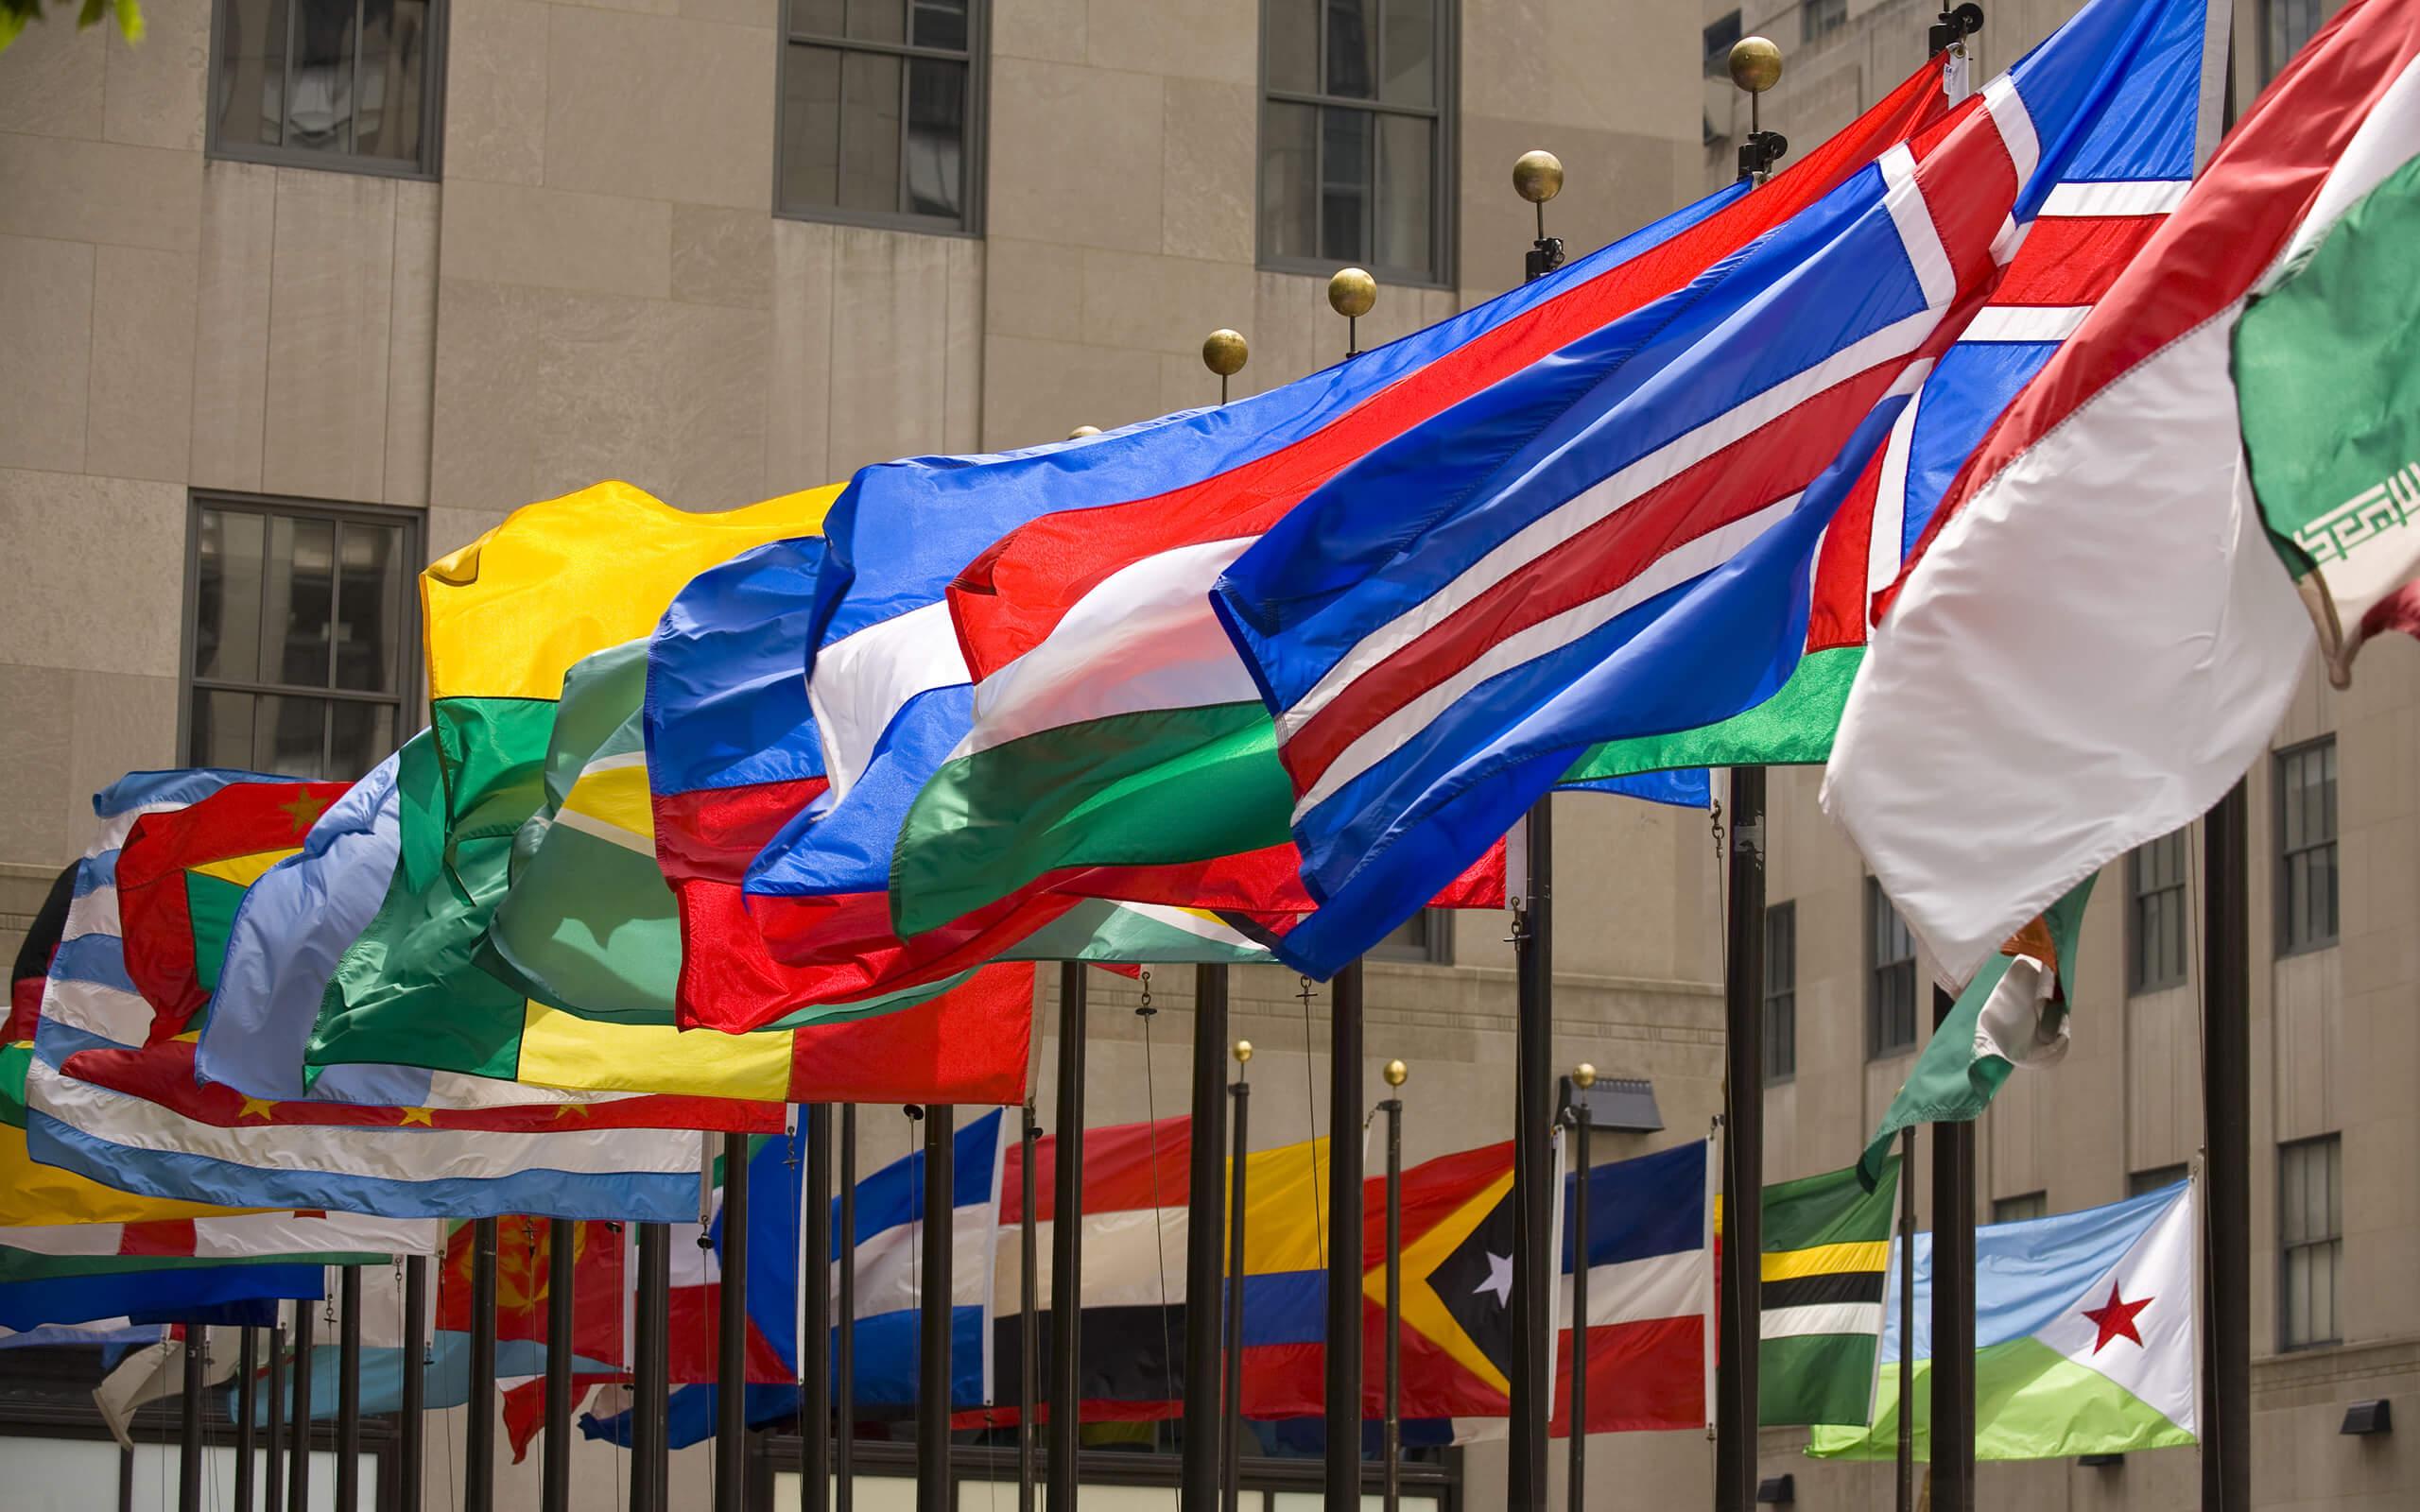 UNITAR flags